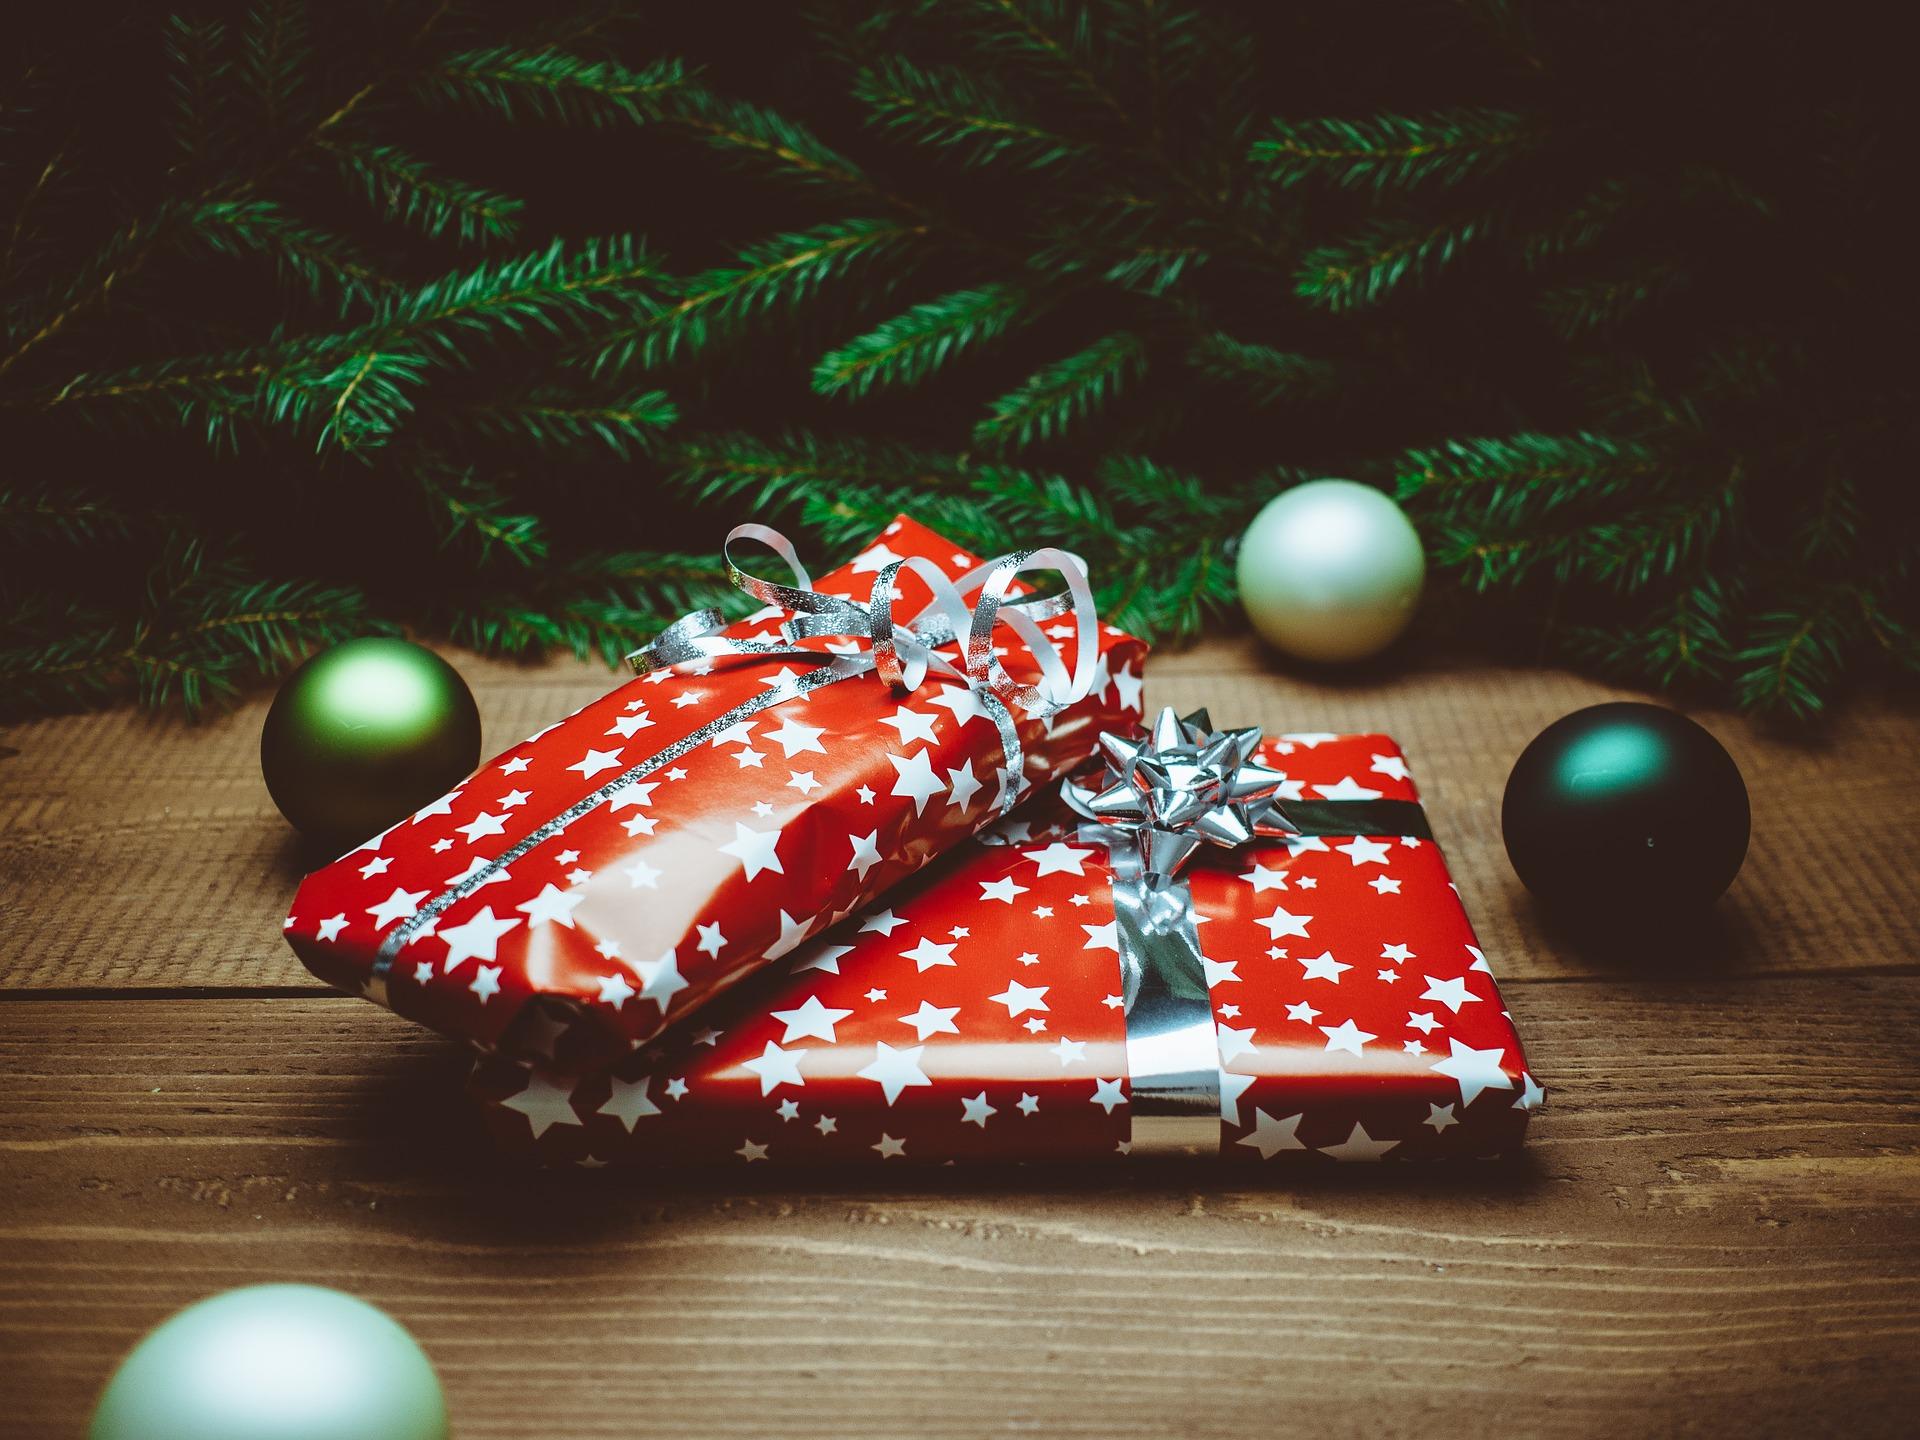 weihnachtsw nsche herz und liebe dinge die das herz. Black Bedroom Furniture Sets. Home Design Ideas